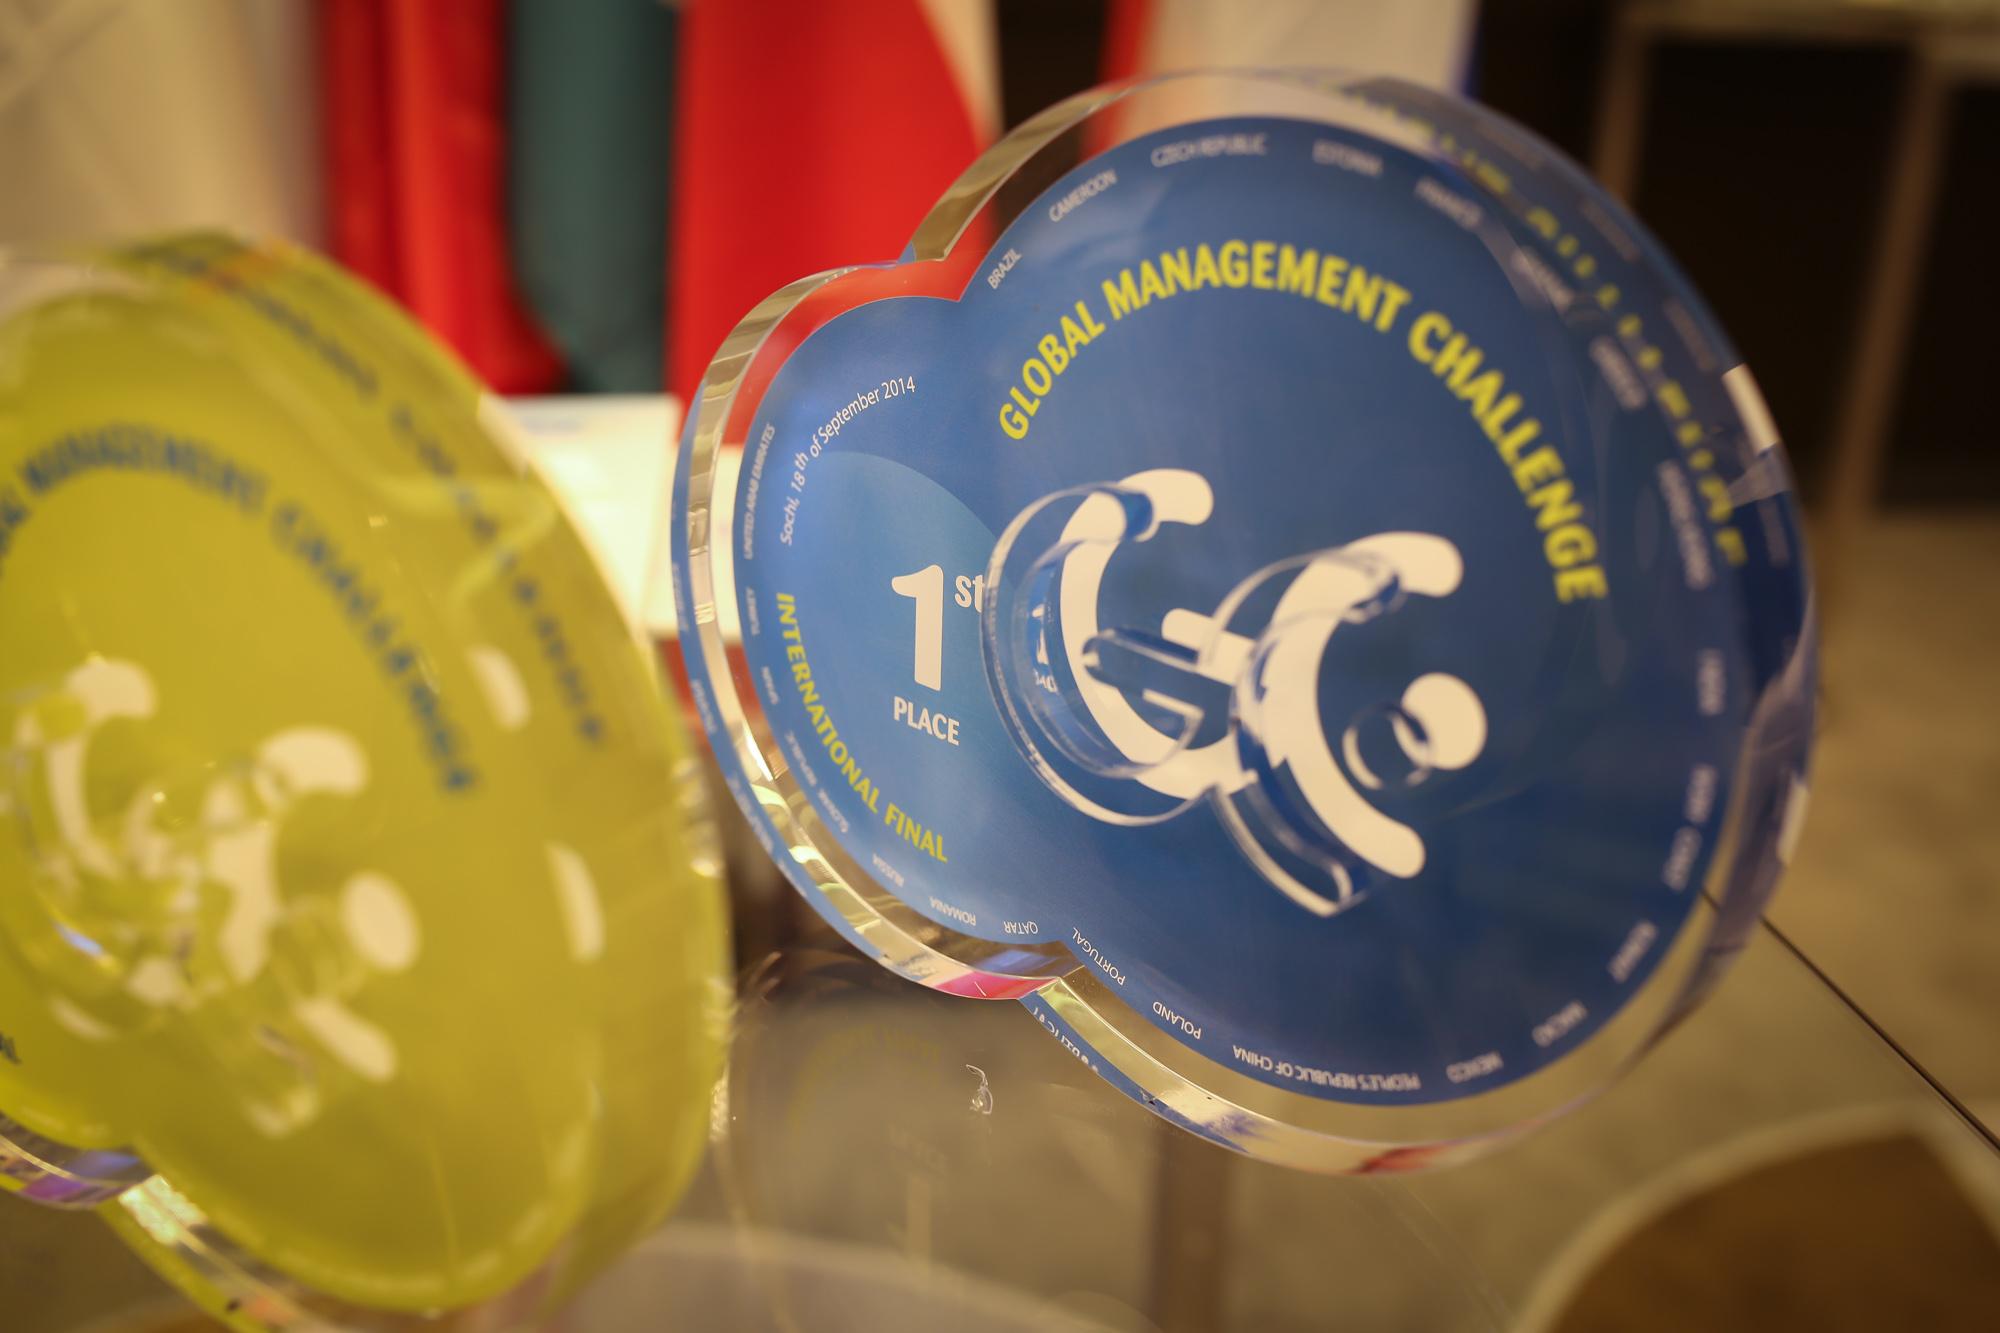 Новости GMC Россия: Итоги мирового финала Global Management Challenge